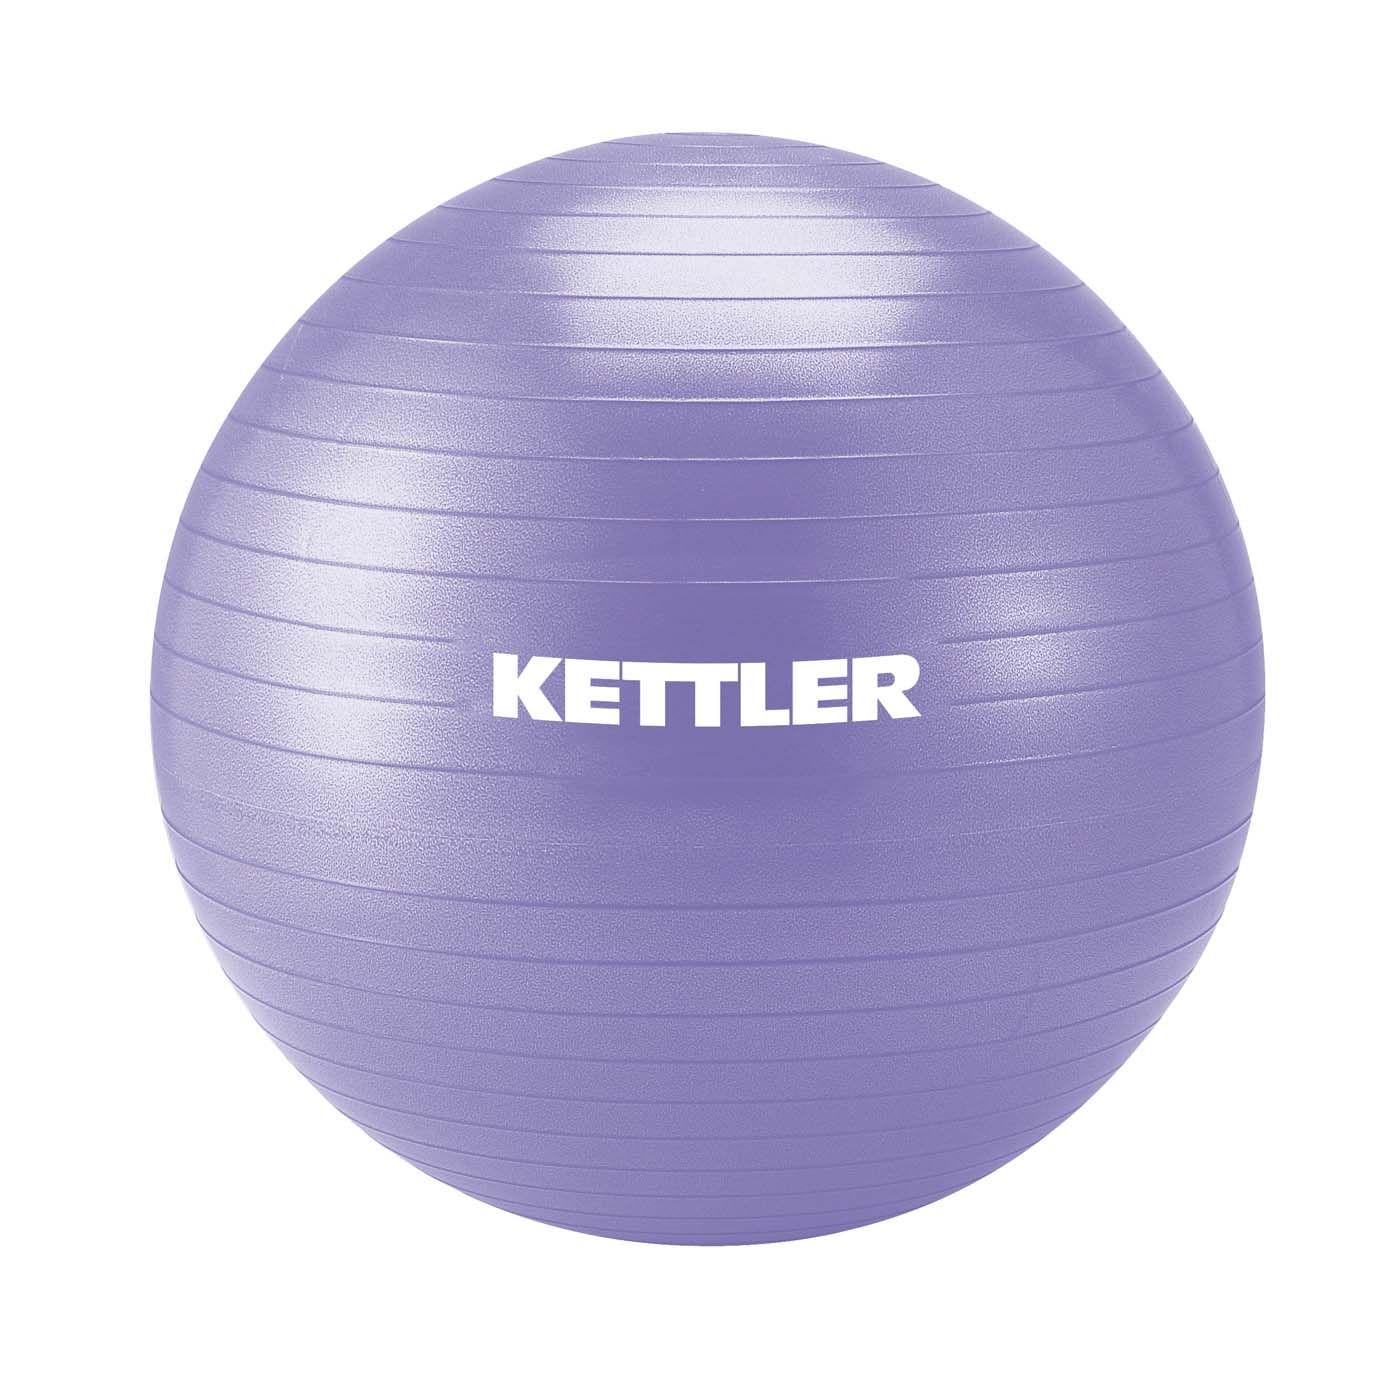 Kettler Gym Ball 75cm Sweatband Com